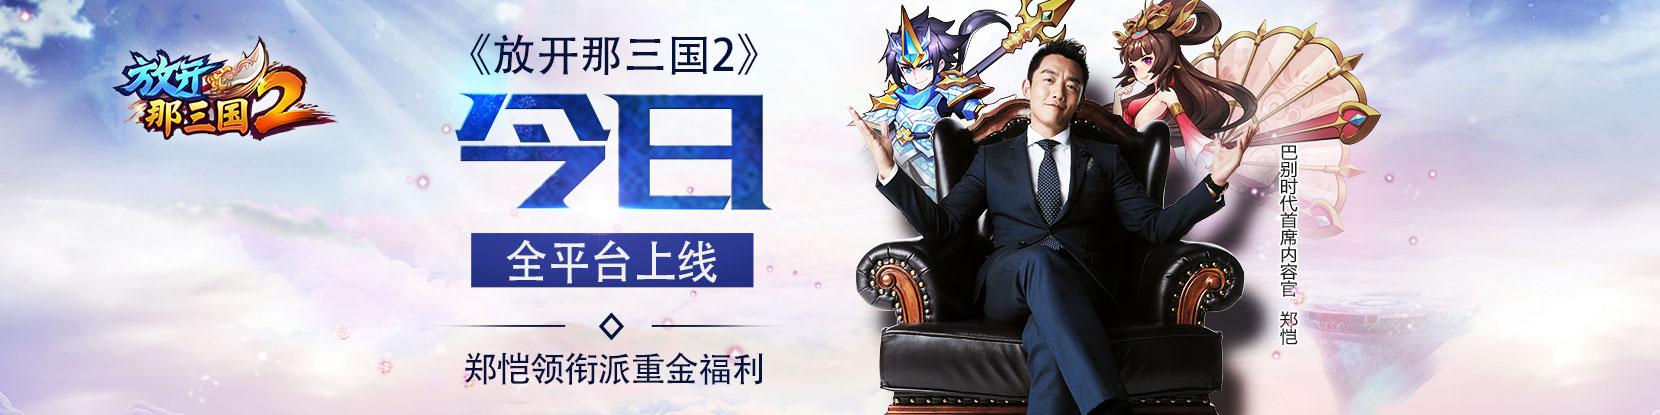 《放开那三国2》今日全平台上线 郑恺领衔派重金福利